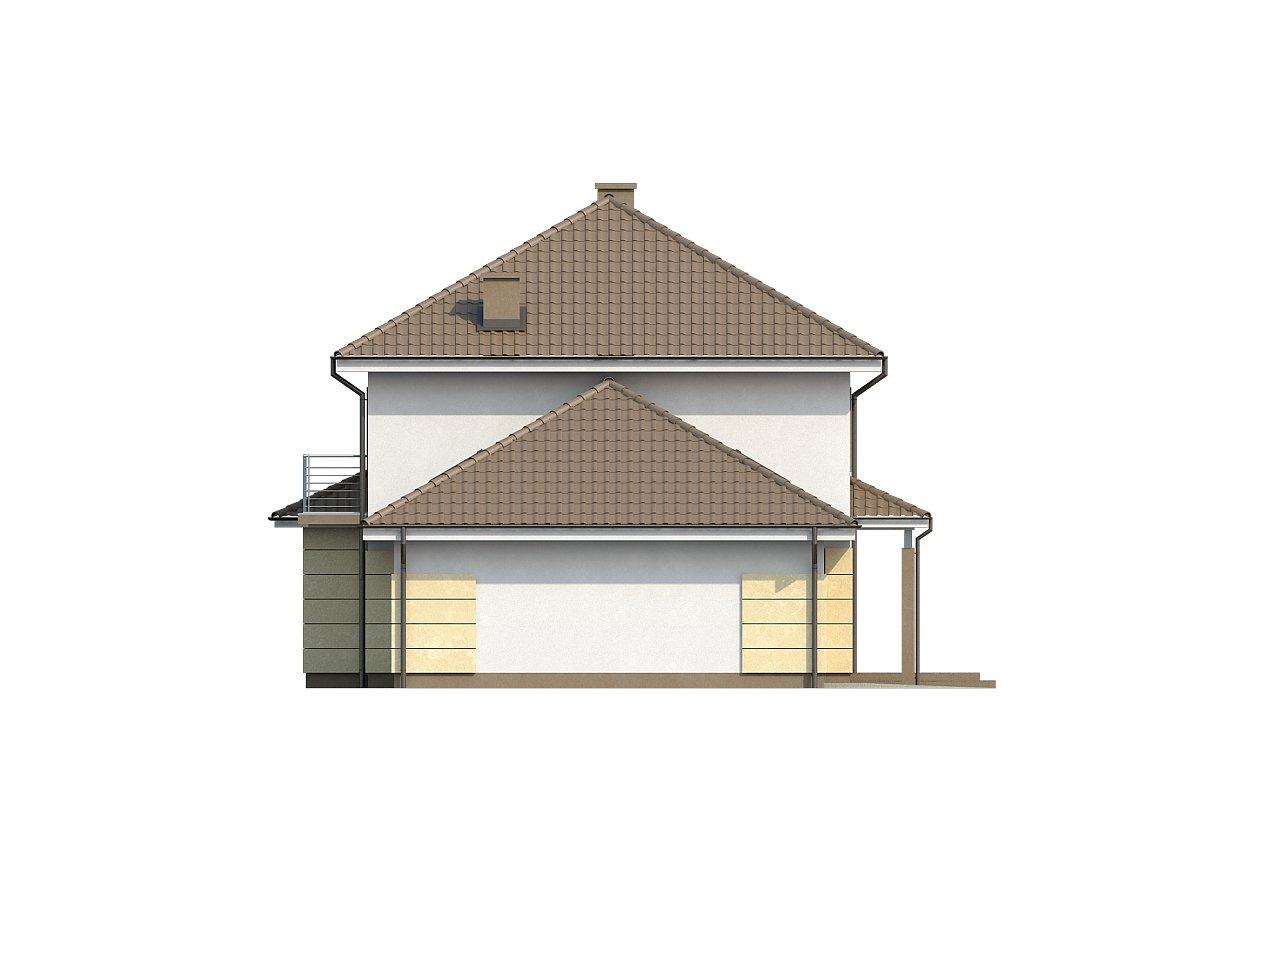 Просторный и функциональный двухэтажный дом с многоскатной кровлей и гаражом. - фото 6